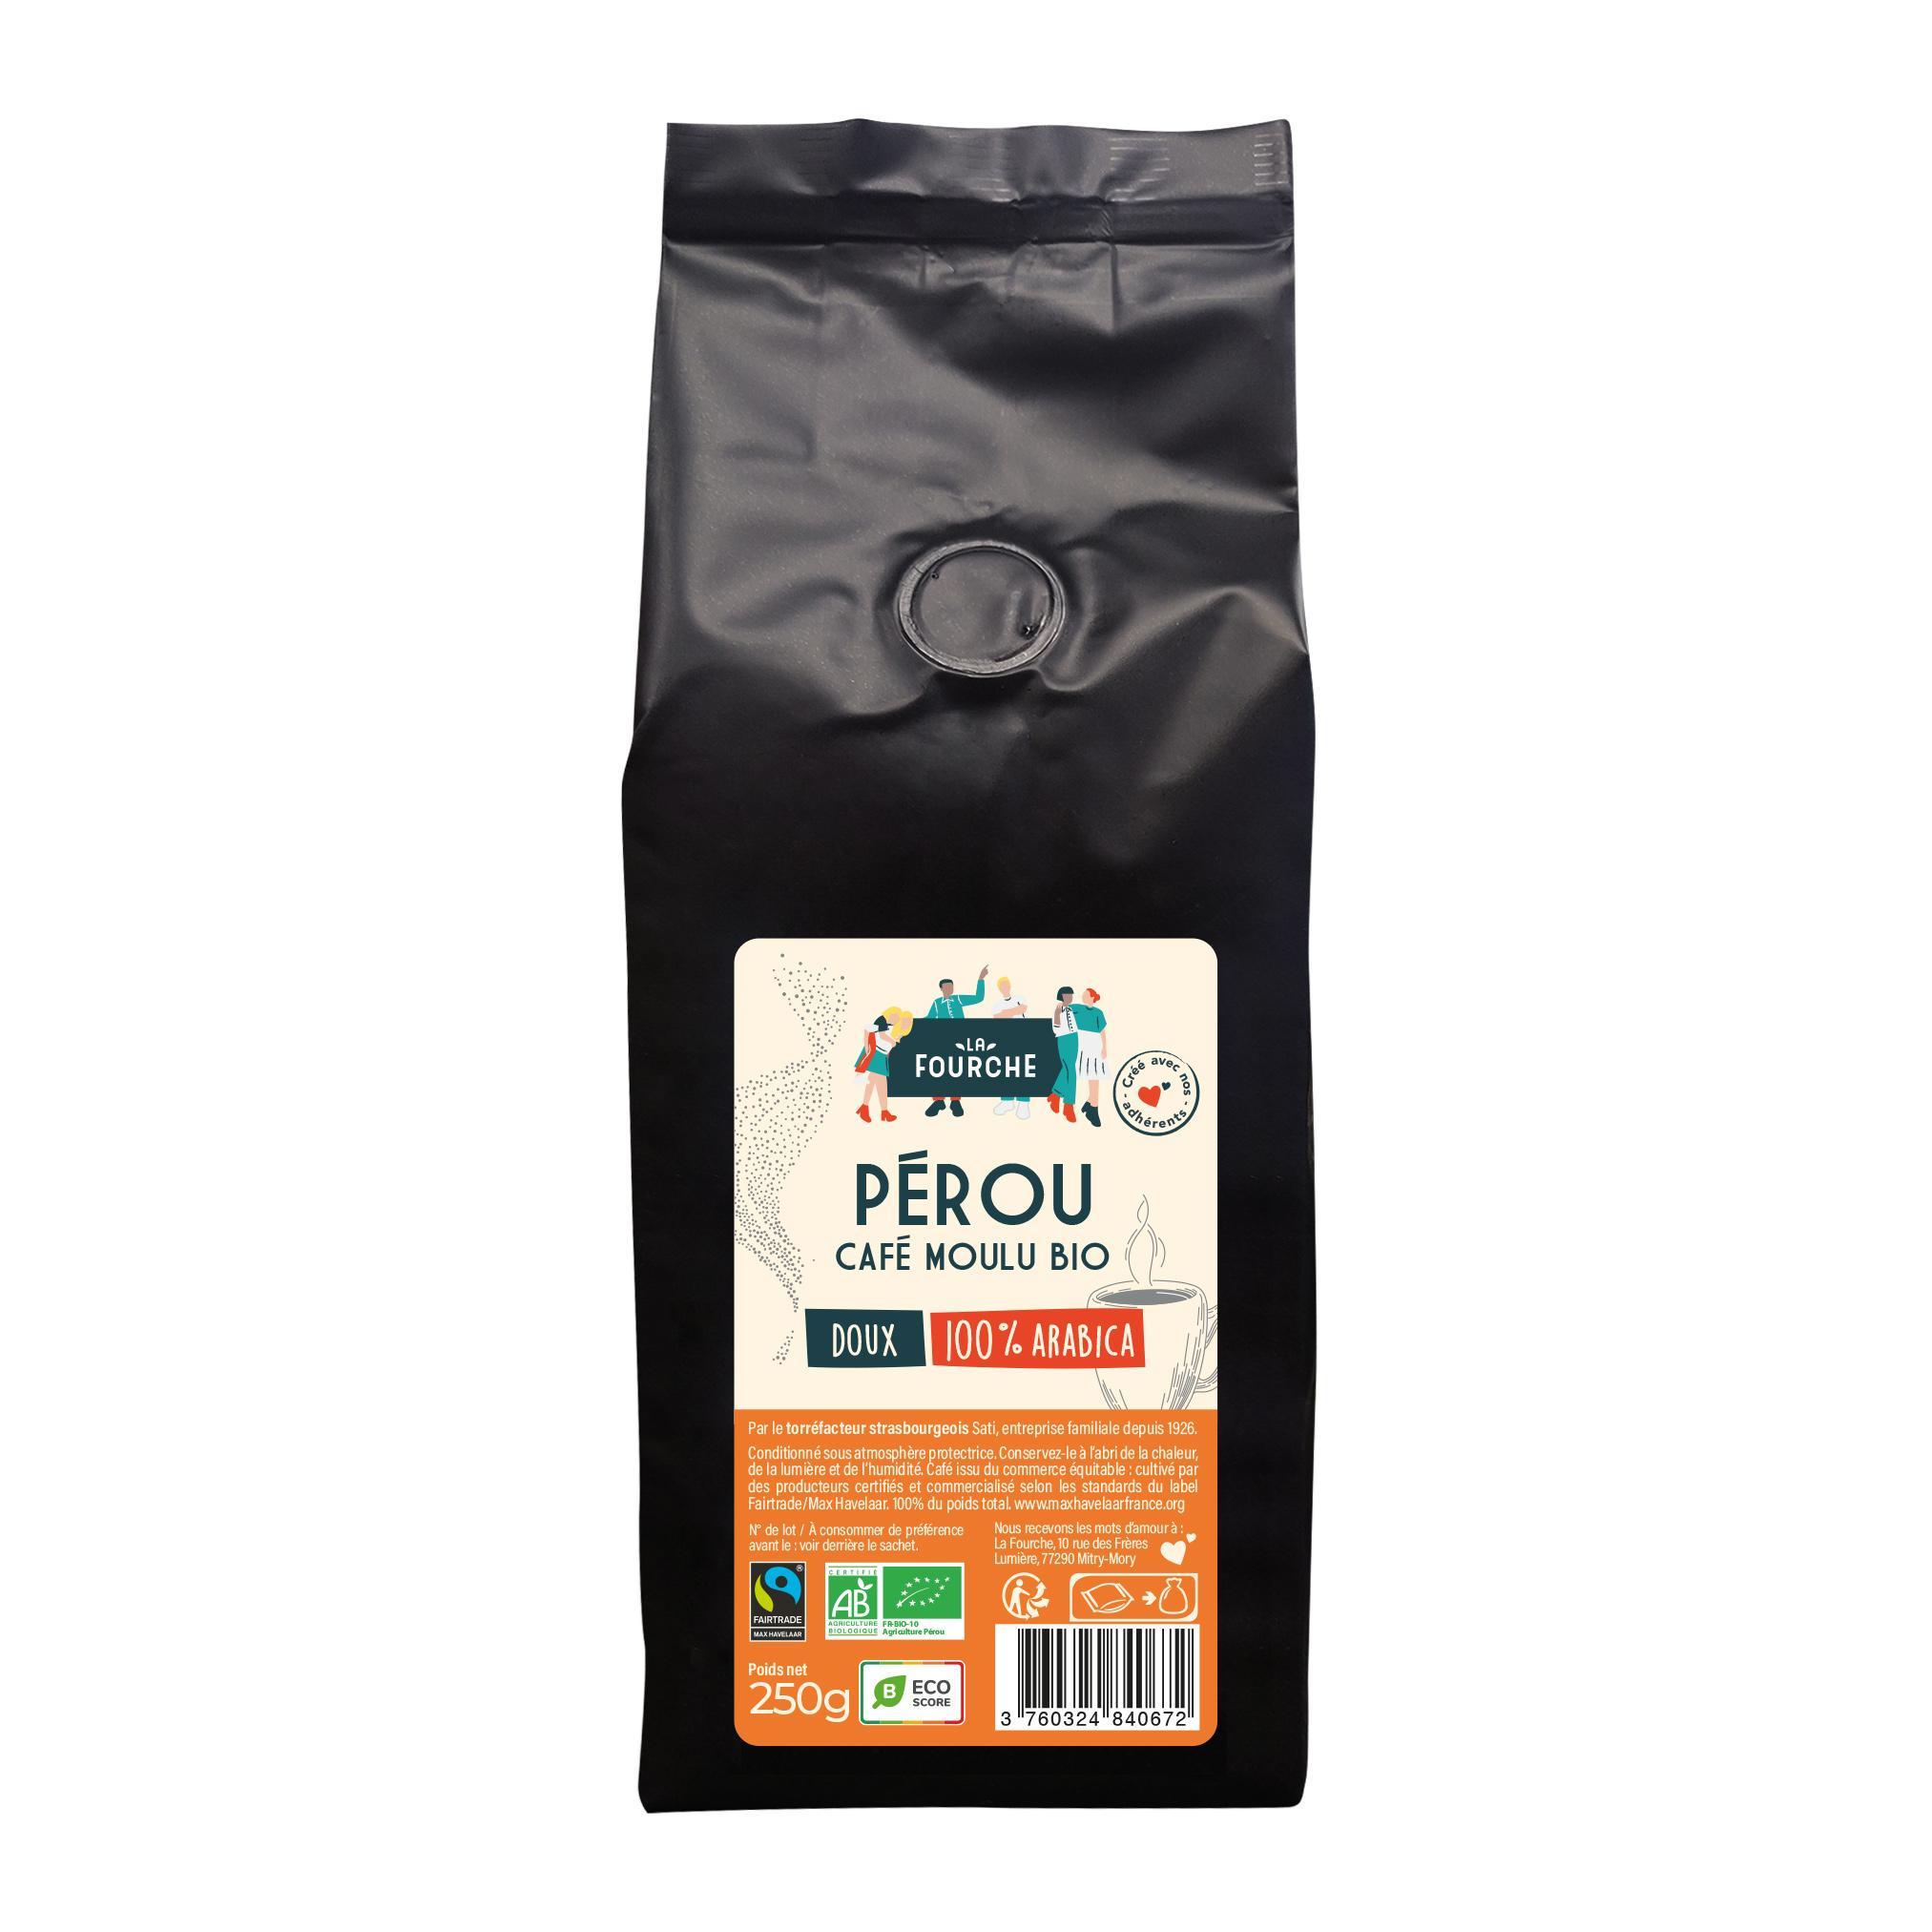 img-la-fourche-cafe-moulu-doux-arabica-perou-bio-equitable-0-25kg